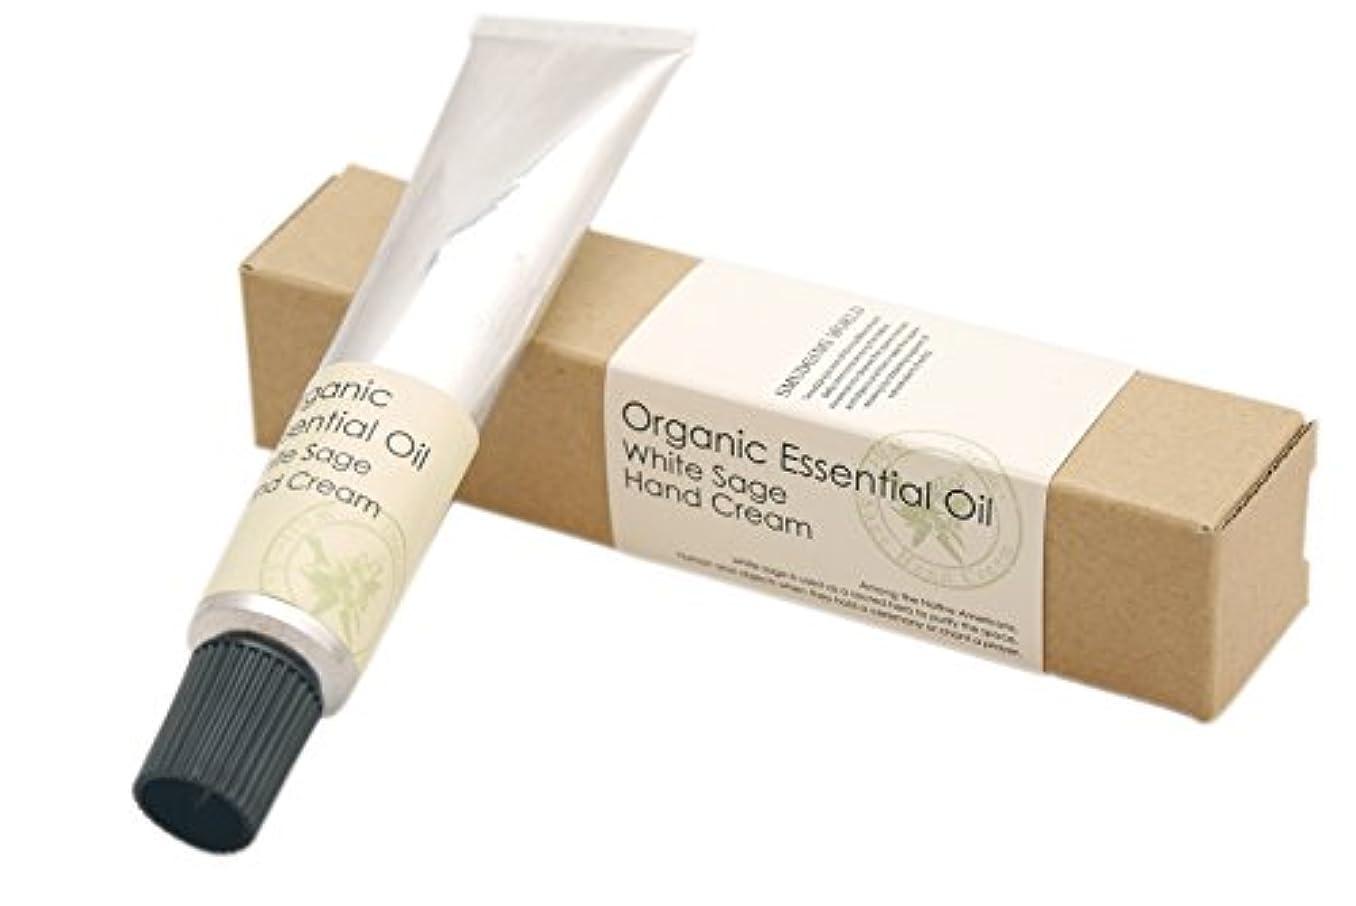 ヒロイックエイズユーモラスアロマレコルト ハンドクリーム ホワイトセージ 【White Sage】 オーガニック エッセンシャルオイル organic essential oil hand cream arome recolte